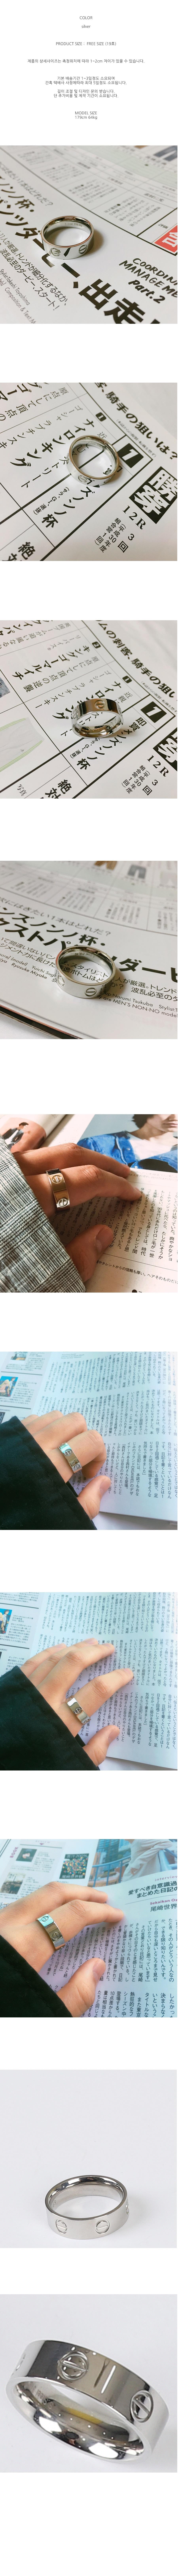 남자 반지 virtual insanity ring - 빅애플, 20,900원, 패션, 패션반지